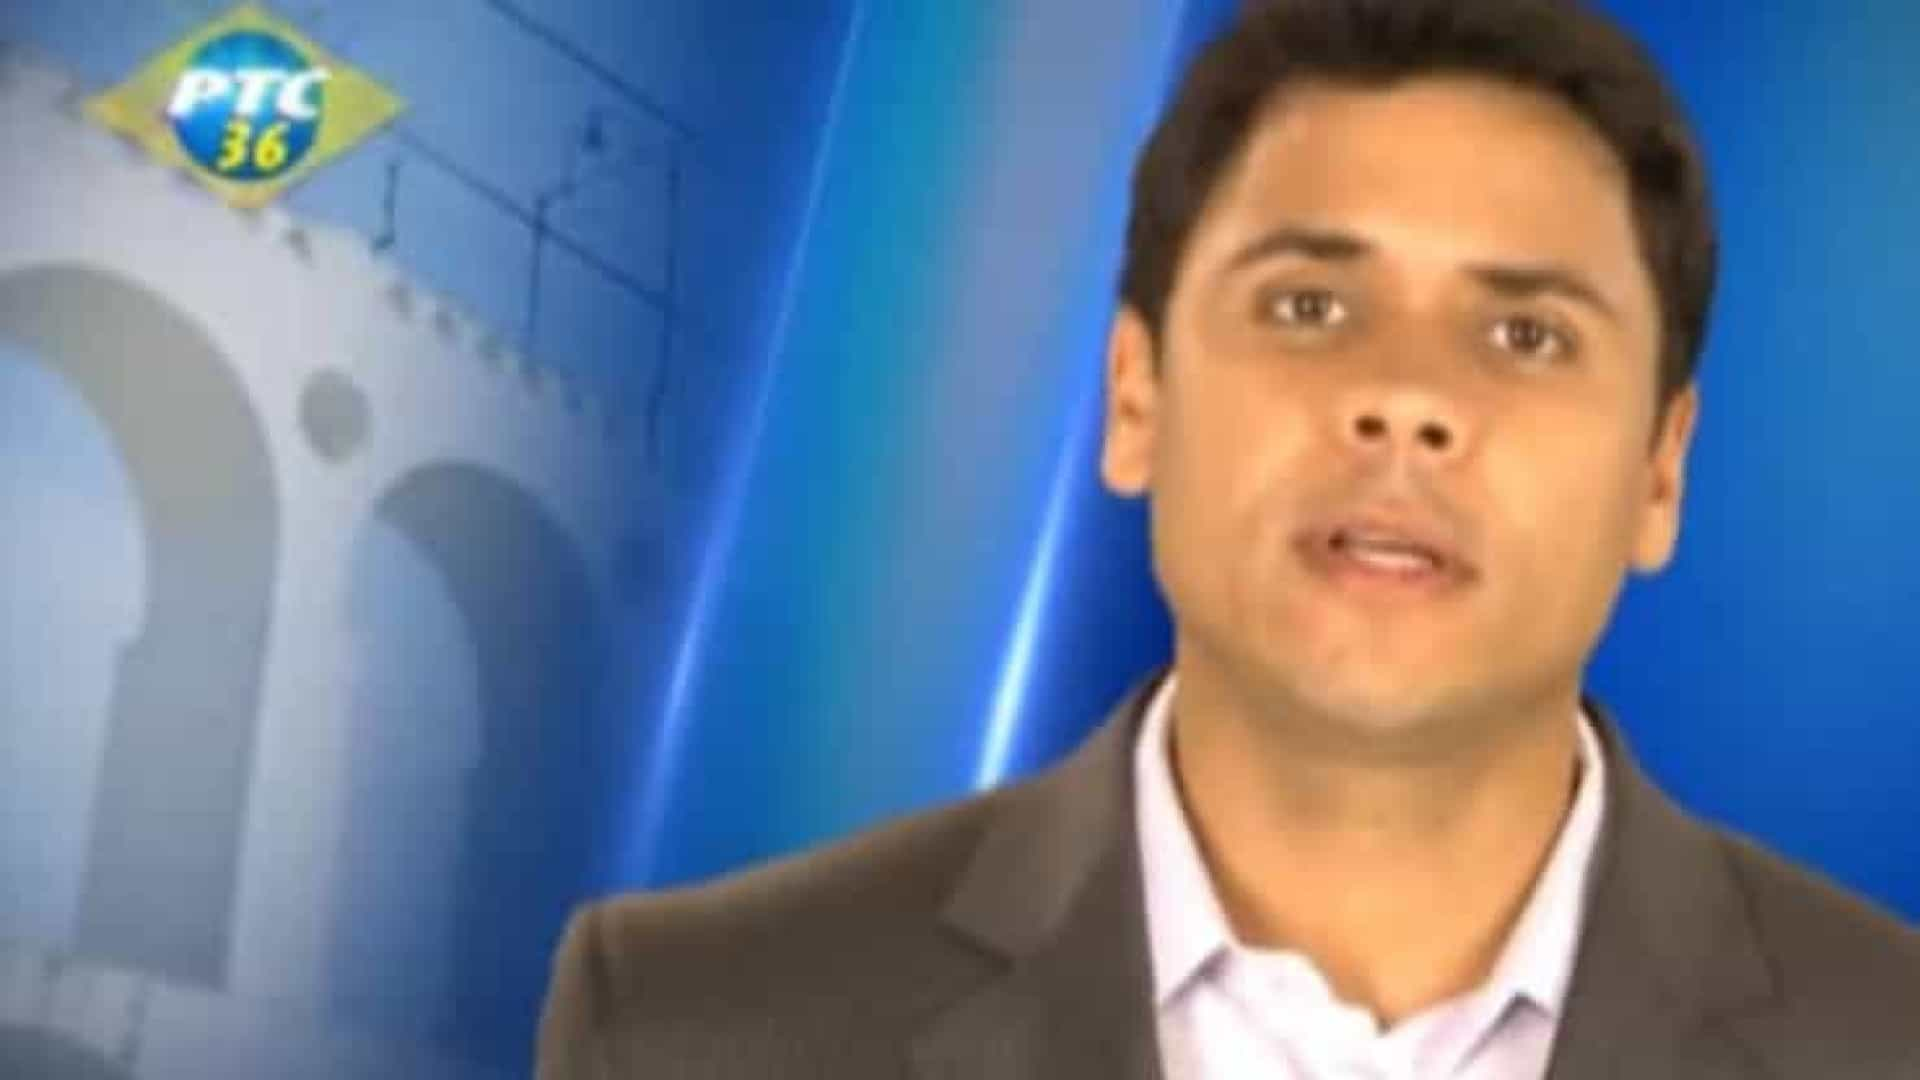 Presidente regional do PTC no Rio é encontrado morto em casa